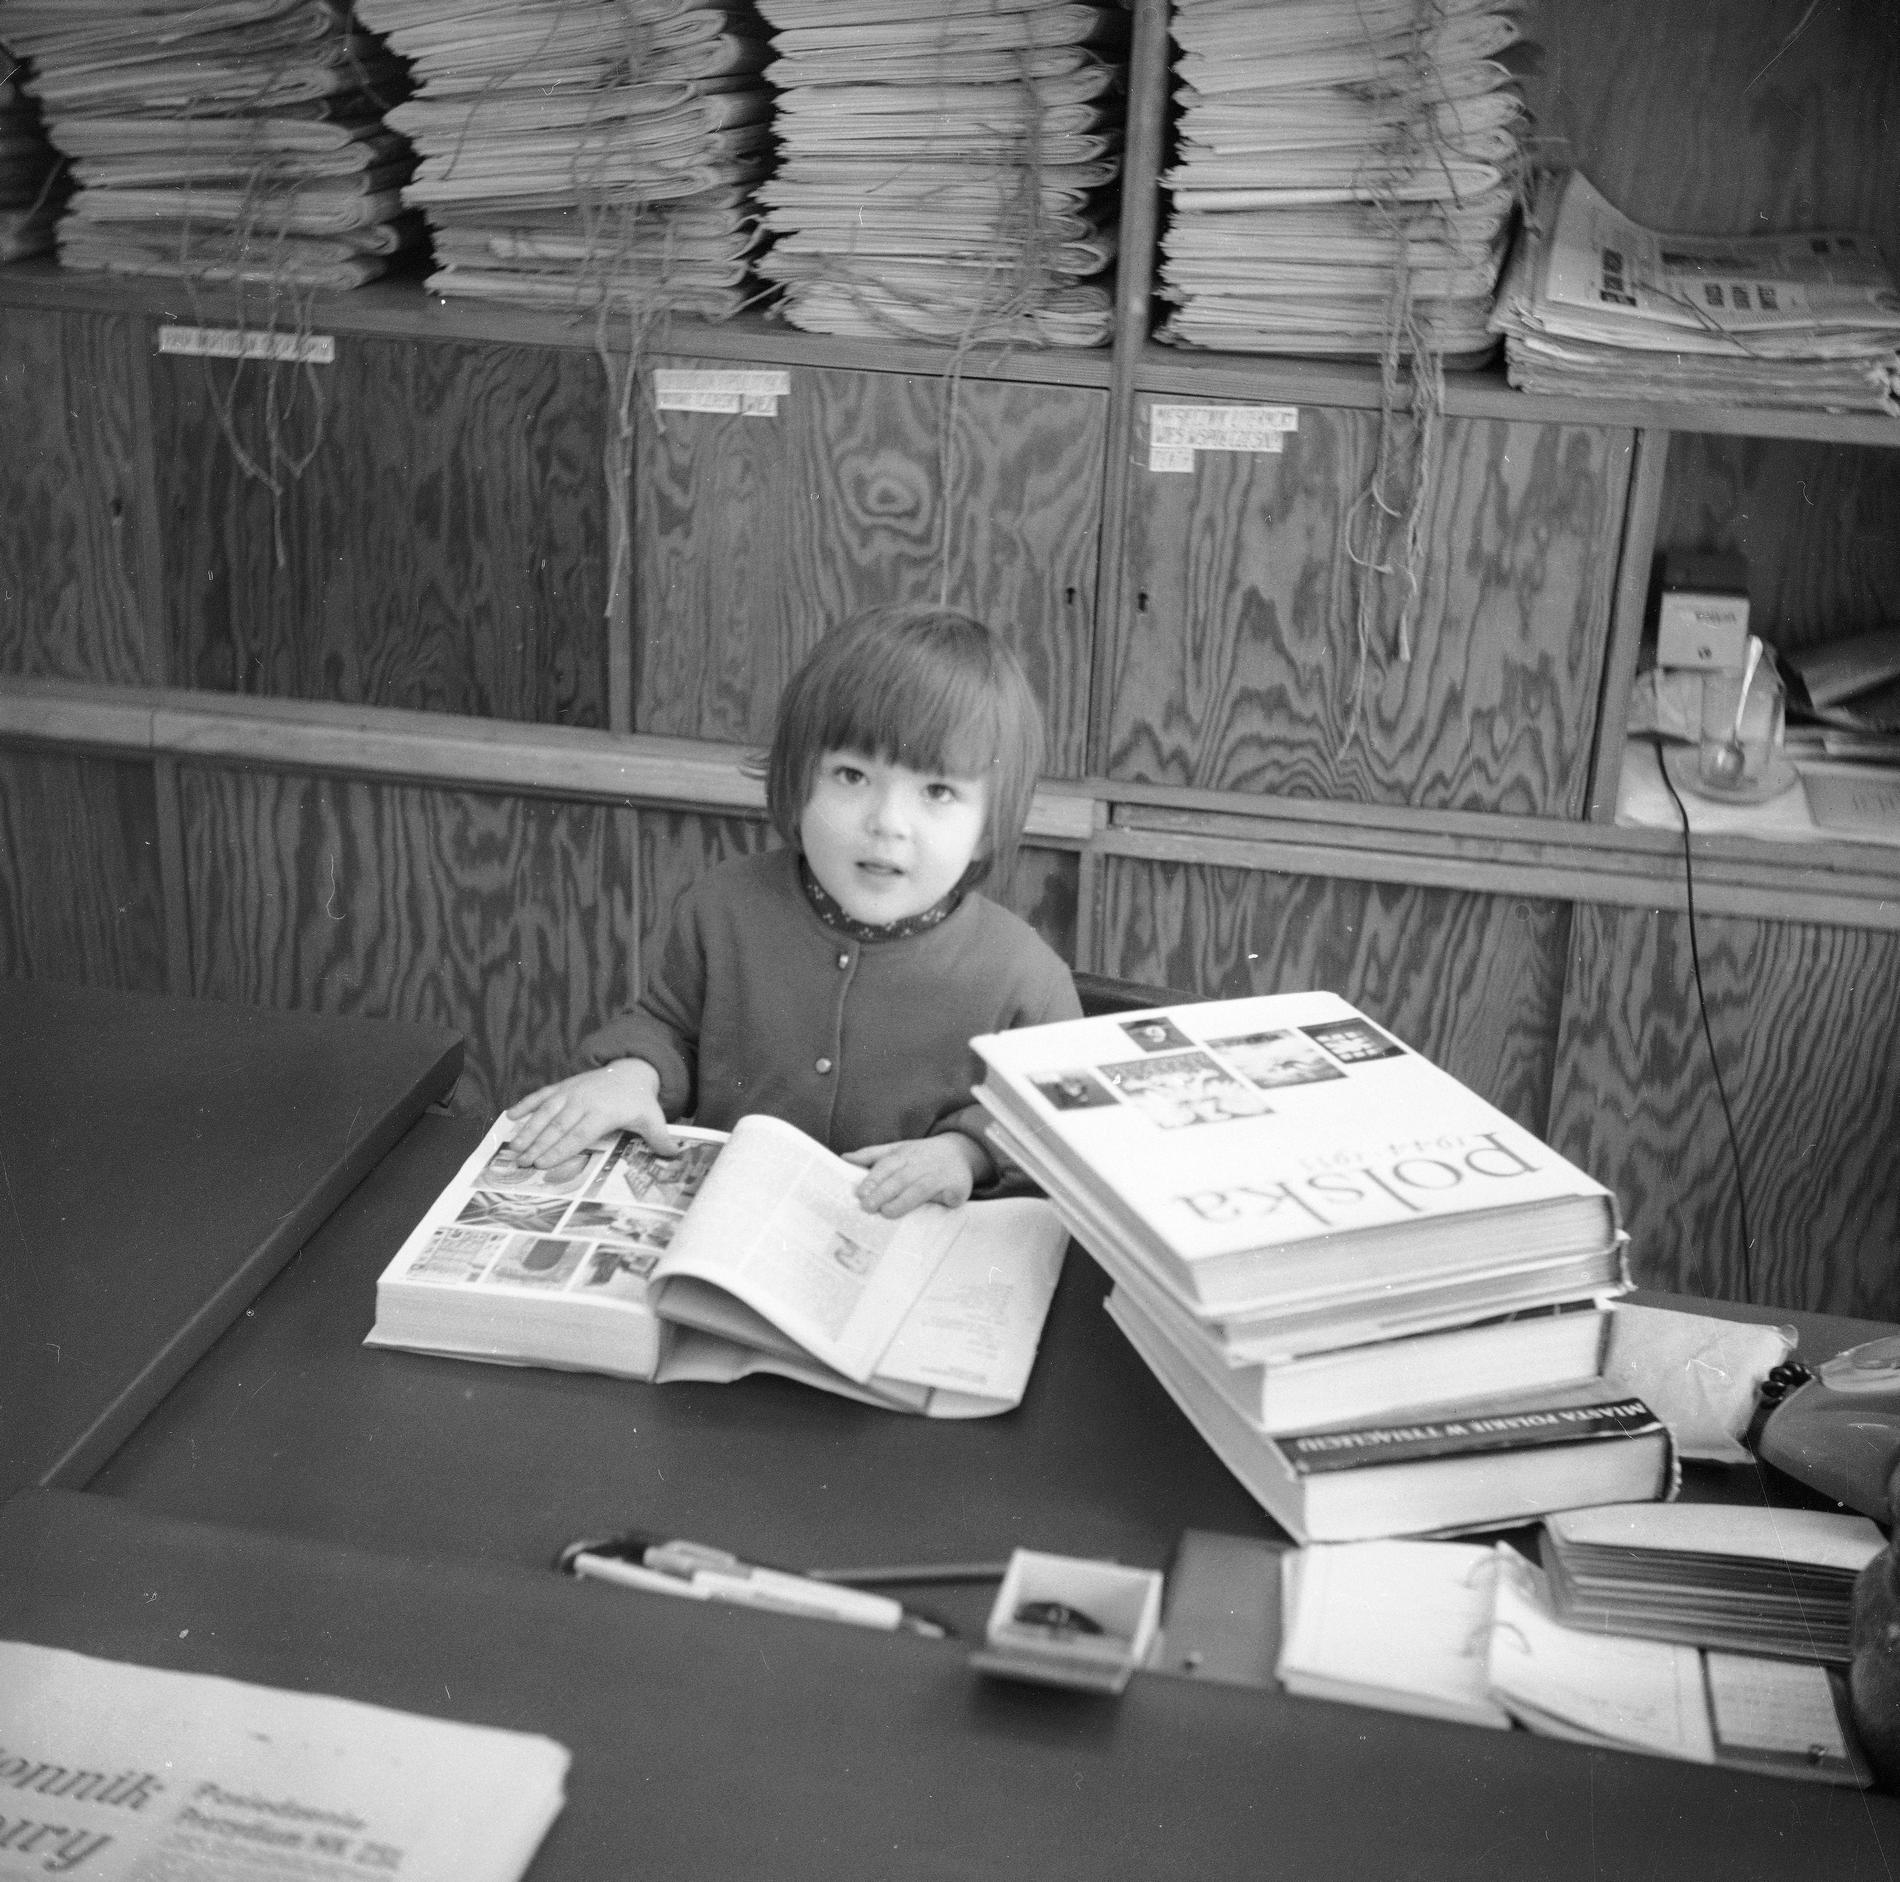 """Dziewczynka czyta książkę przy stole. Widoczne książki - """"Polska 1944-1955"""" i """"Miasta polskie w tysiącleciu""""."""